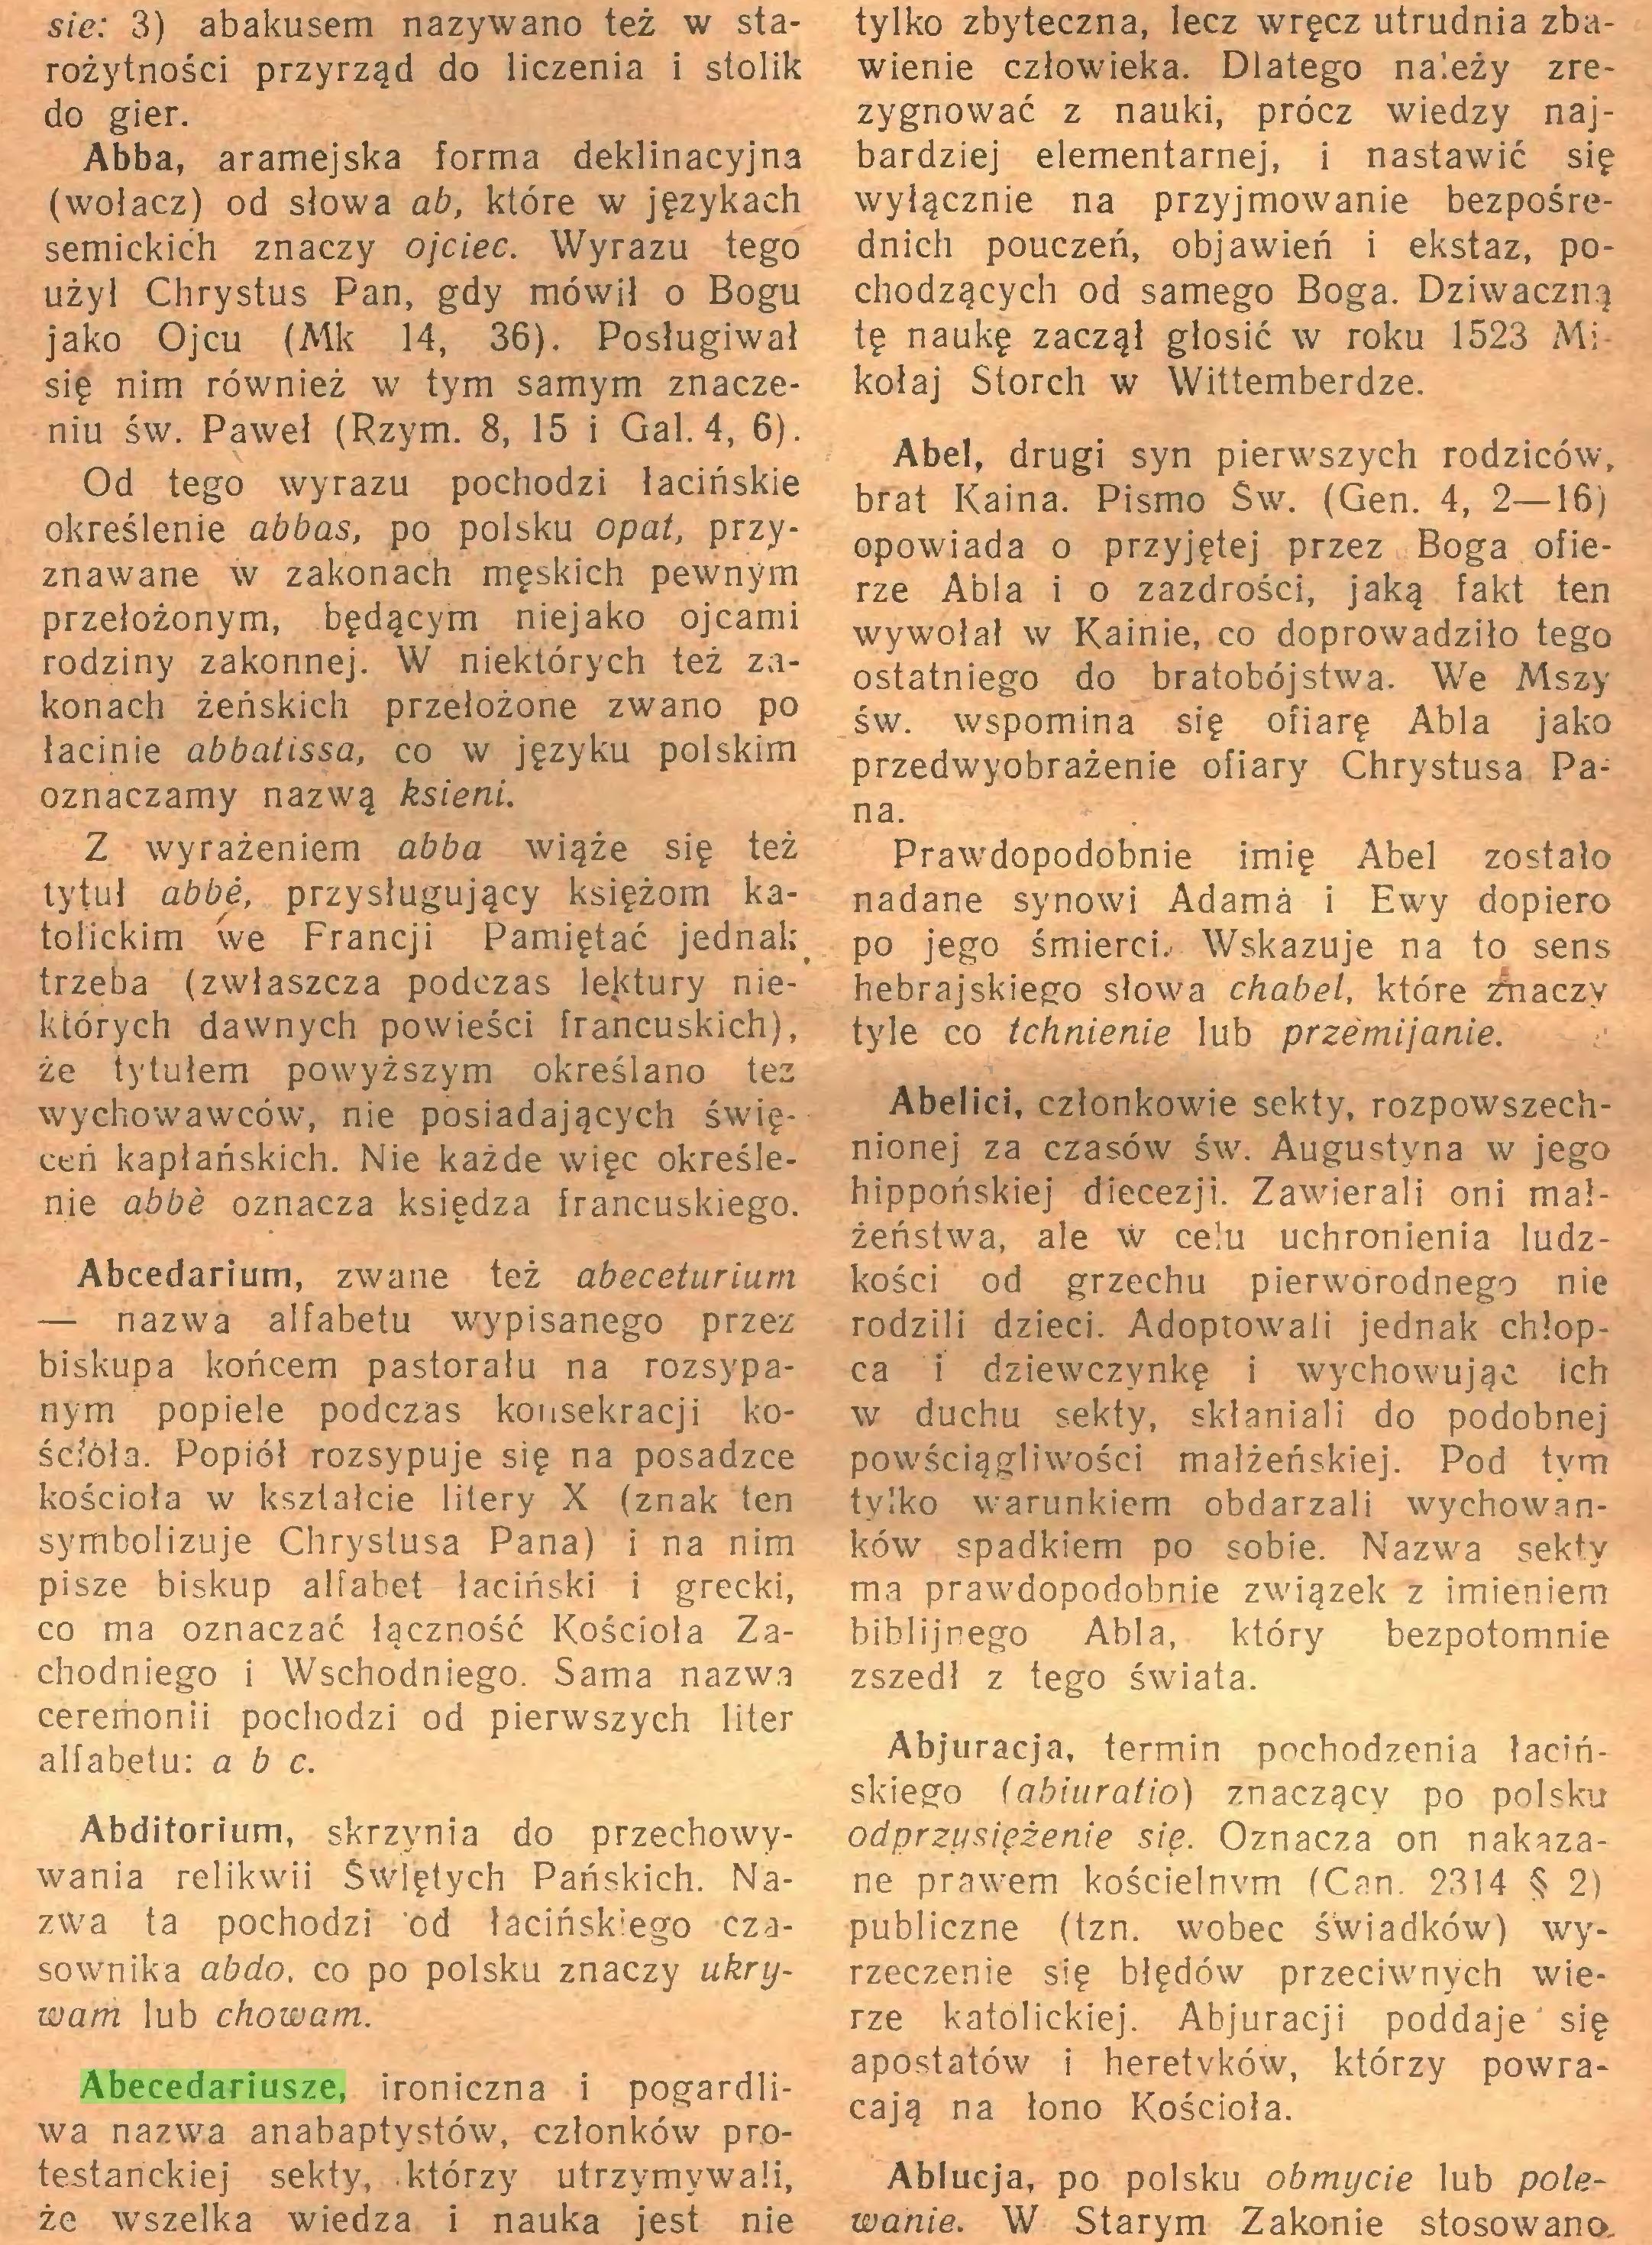 (...) Abecedariusze, ironiczna i pogardliwa nazwa anabaptystów, członków protestanckiej sekty, .którzy utrzymywali, że wszelka wiedza i nauka jest nie tylko zbyteczna, lecz wręcz utrudnia zbawienie człowieka. Dlatego należy zre...